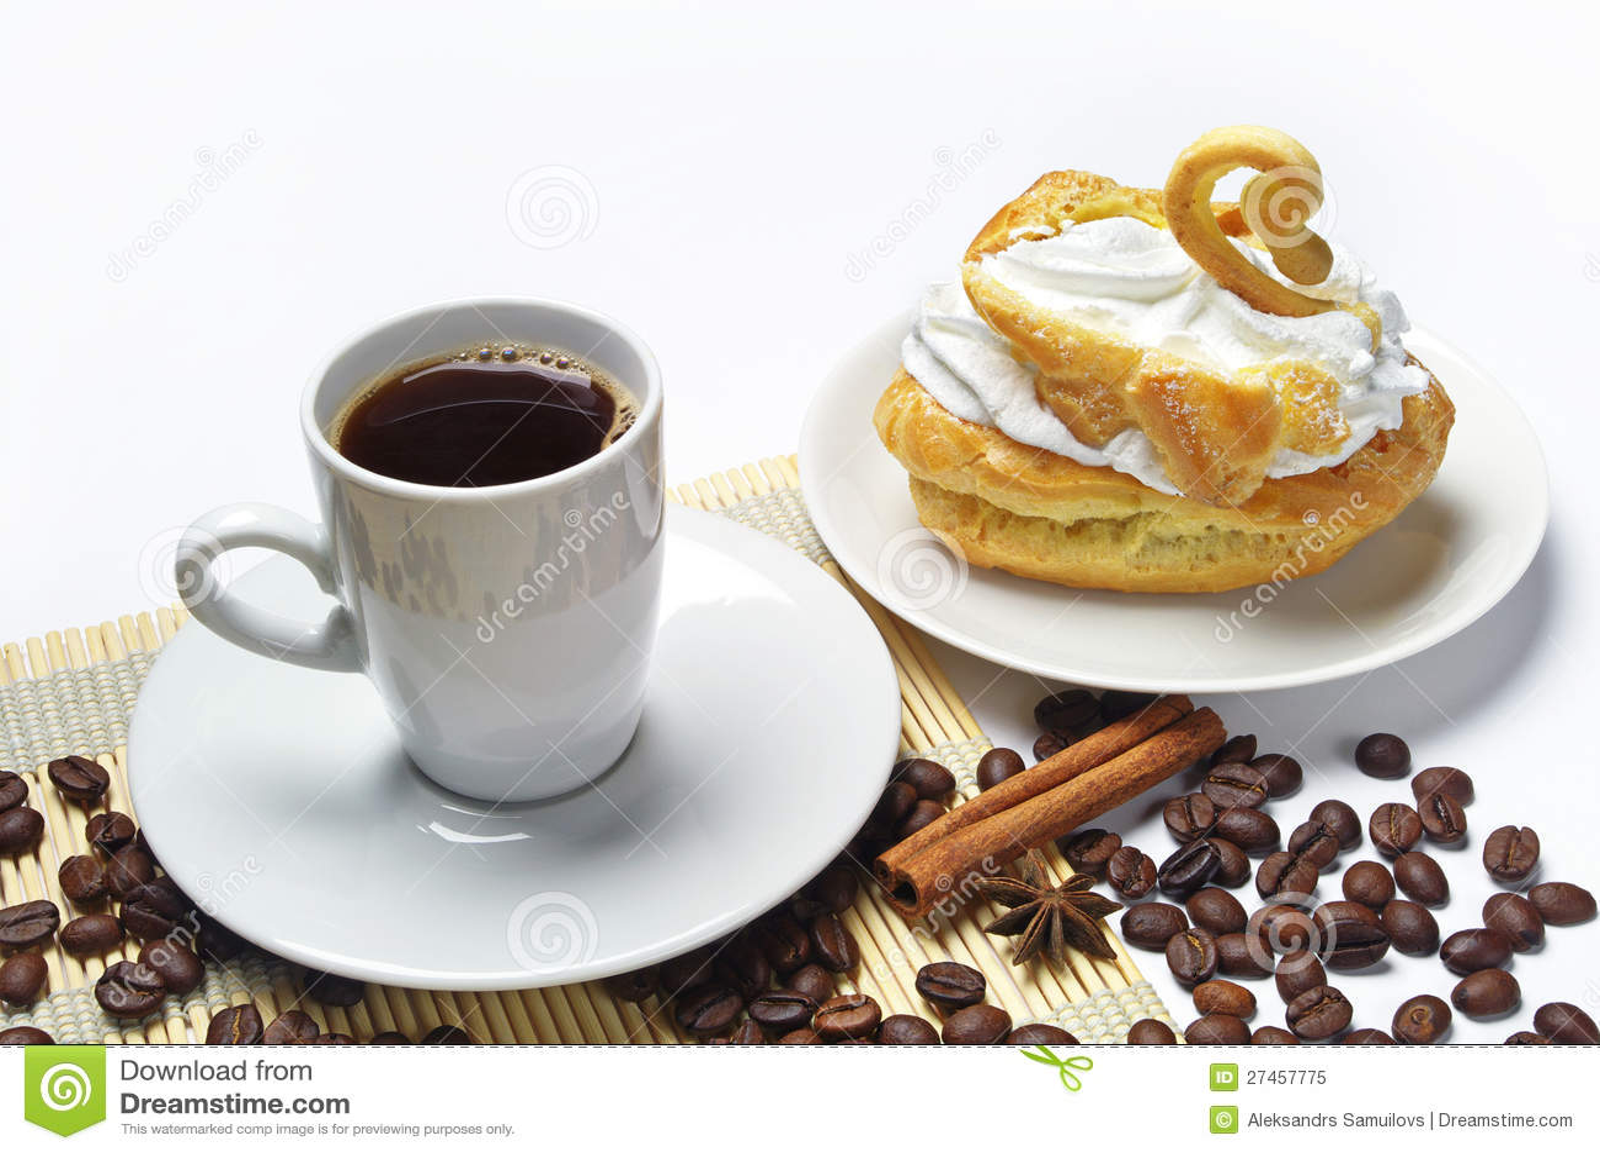 tasse kaffee und kuchen stockbild bild von nachtisch 27457775. Black Bedroom Furniture Sets. Home Design Ideas